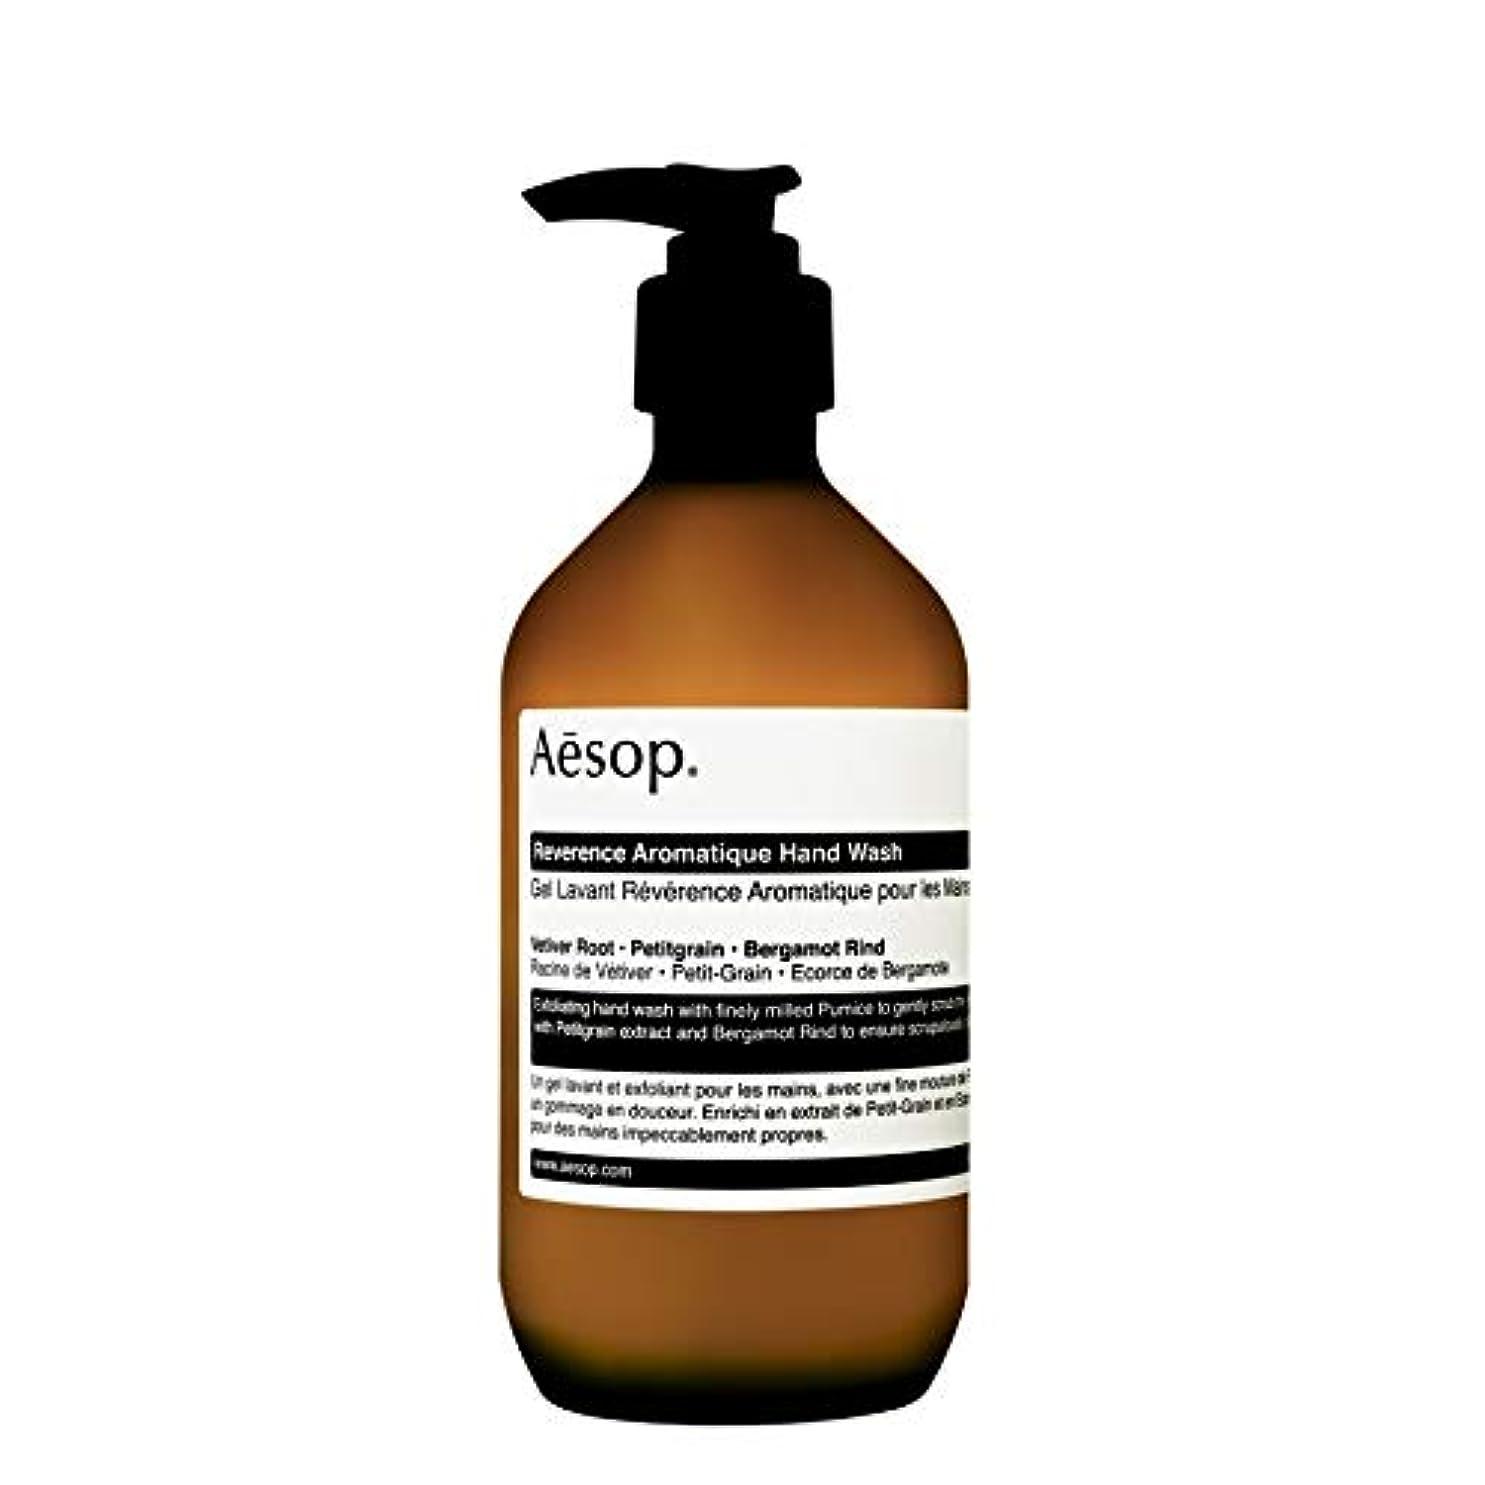 変成器いたずら有利[Aesop ] イソップの敬意Aromatique手洗いの500ミリリットル - Aesop Reverence Aromatique Hand Wash 500ml [並行輸入品]